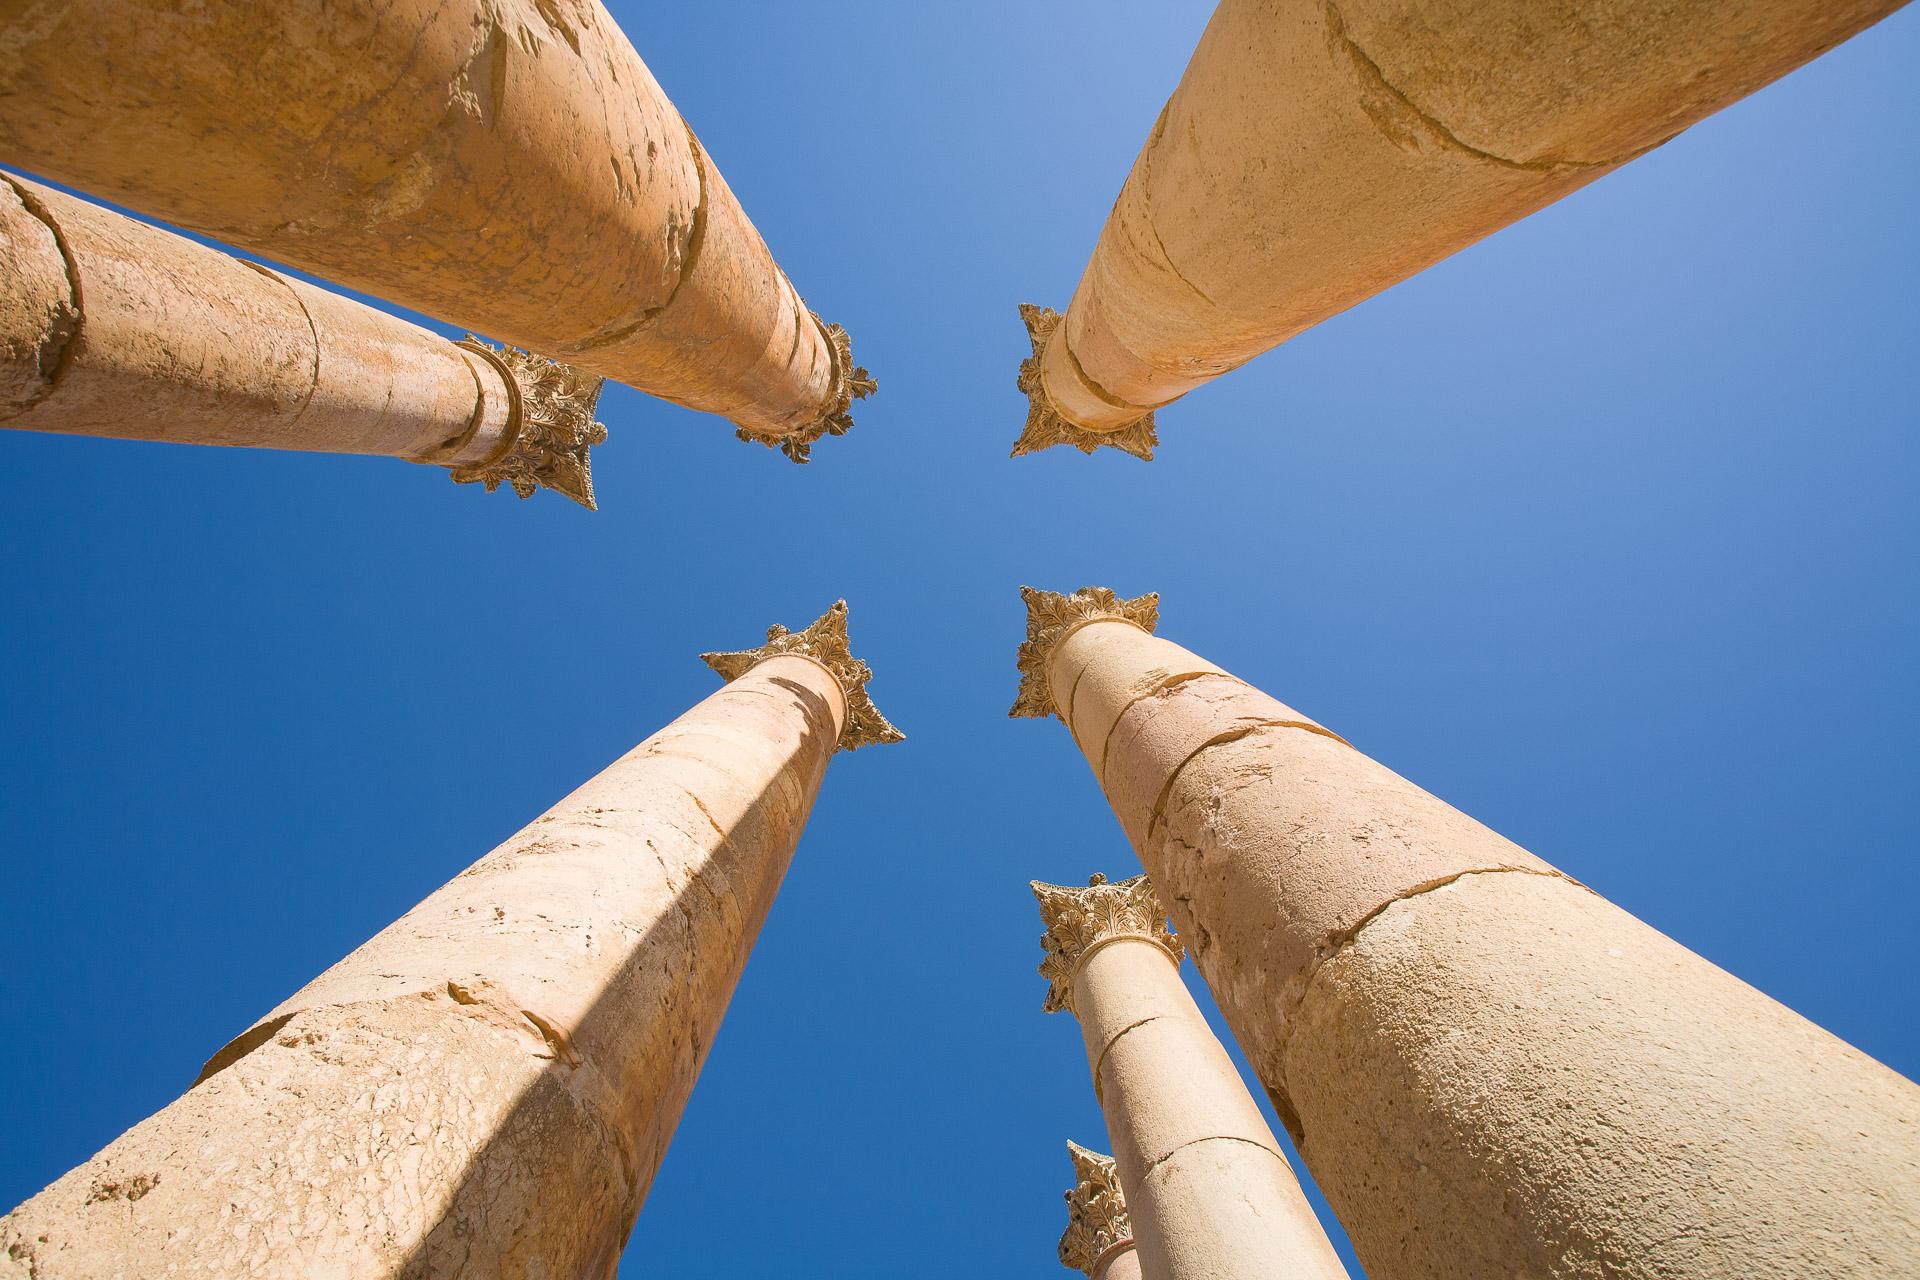 colonnes gréco-romaine de Jerash en Jordanie, avec chapiteaux corinthiens